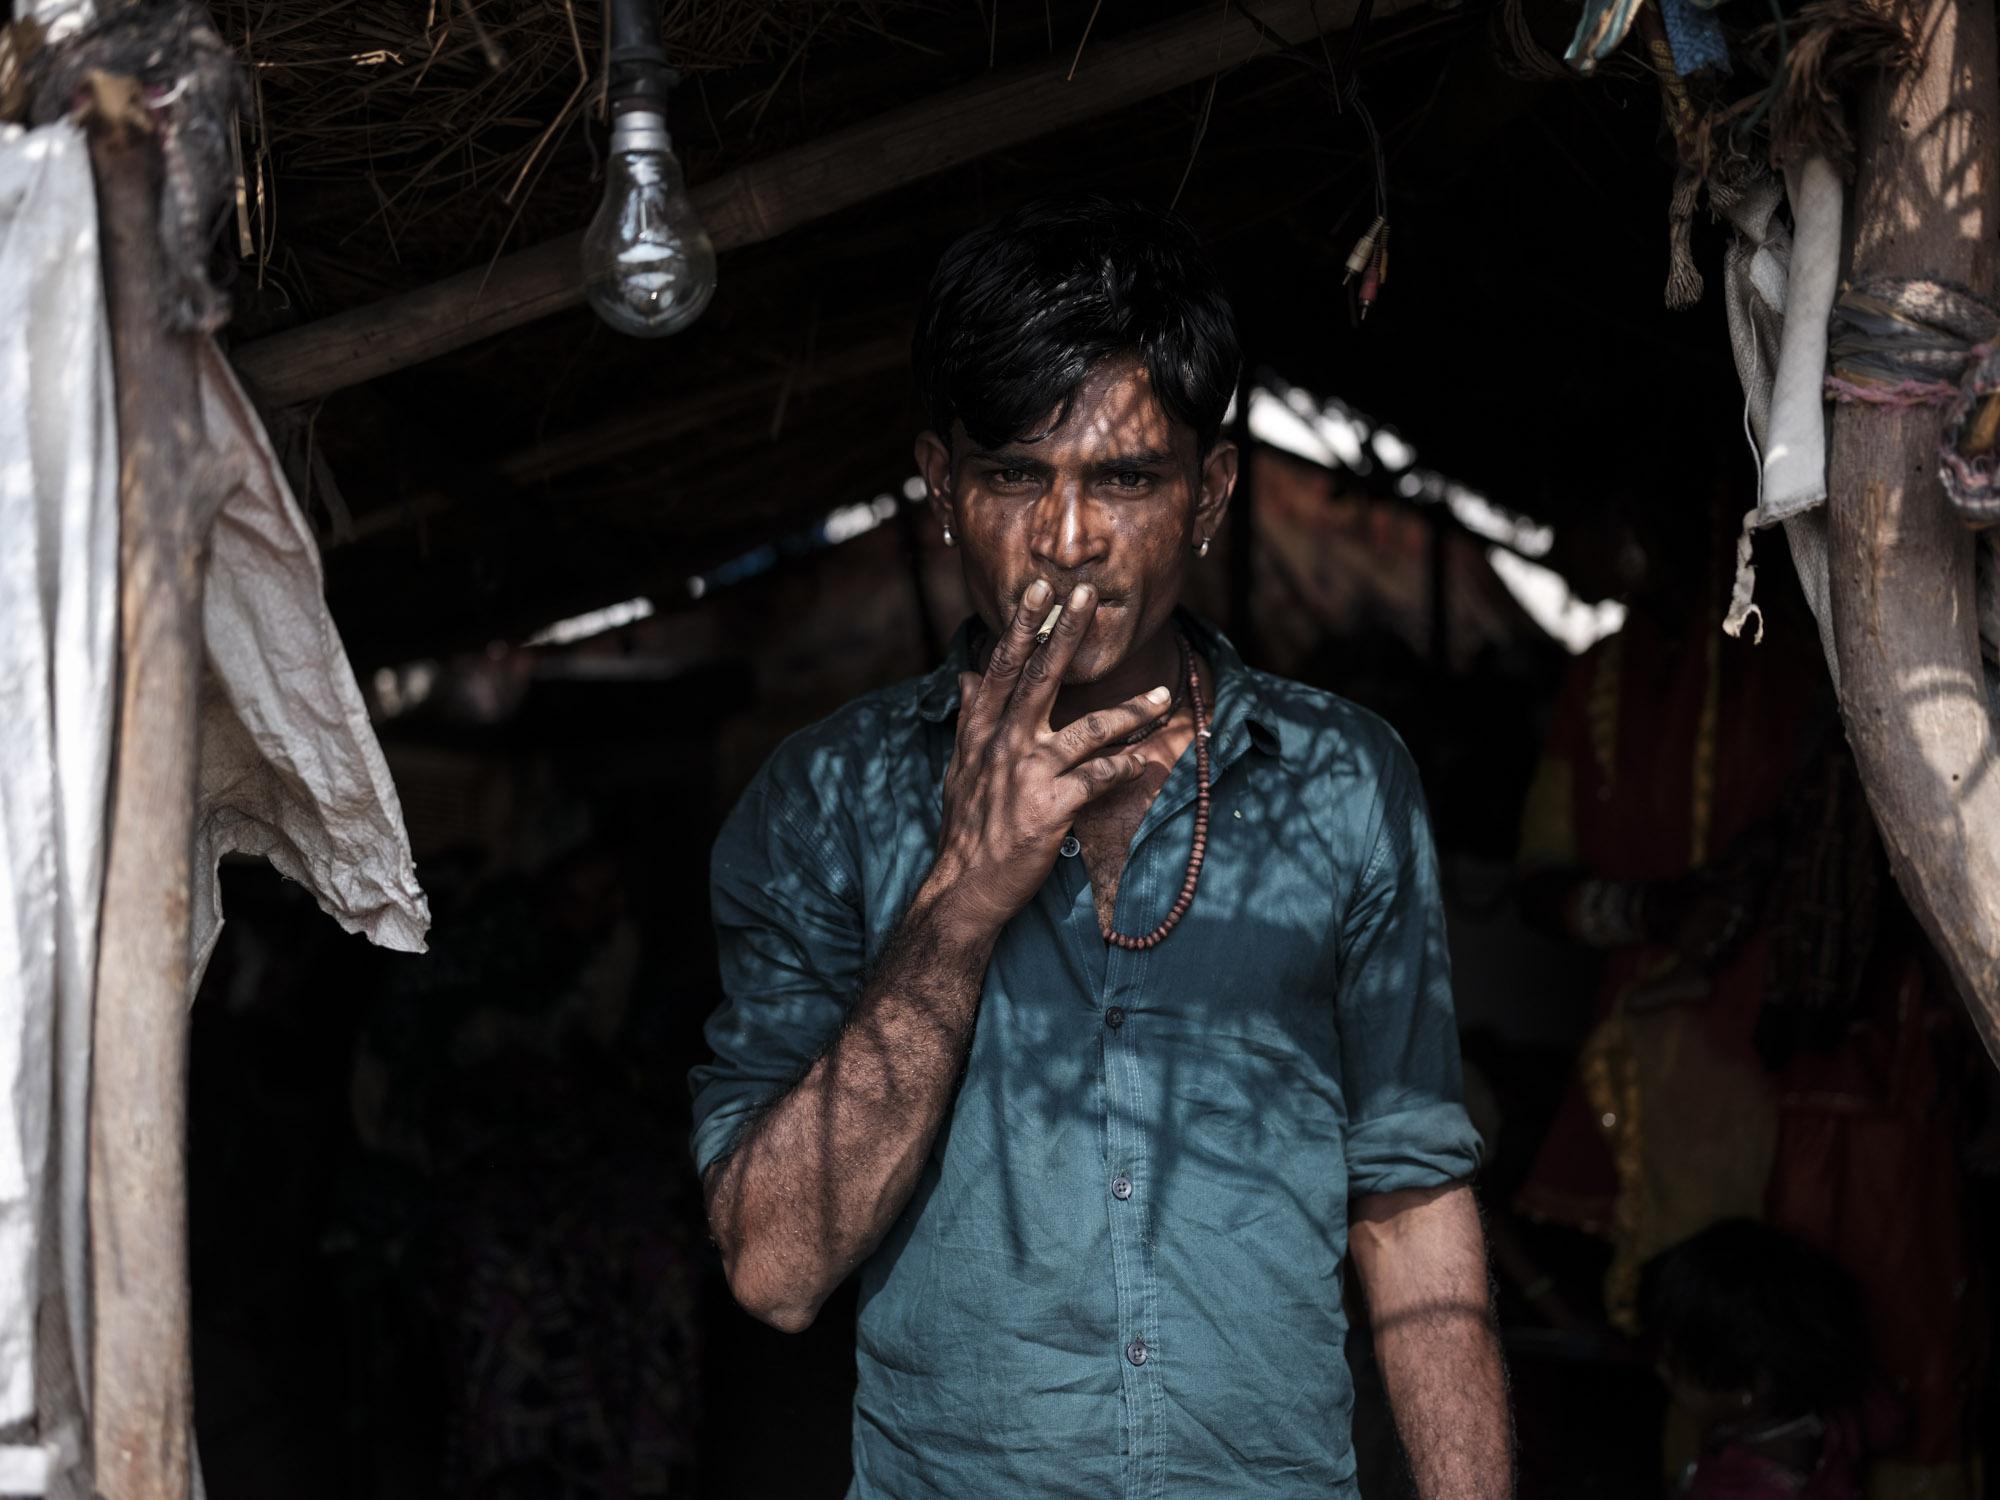 Gypsy Kalbelia tribe nomad Rajasthan India Documentary Photography Photographer Jose Jeuland-11